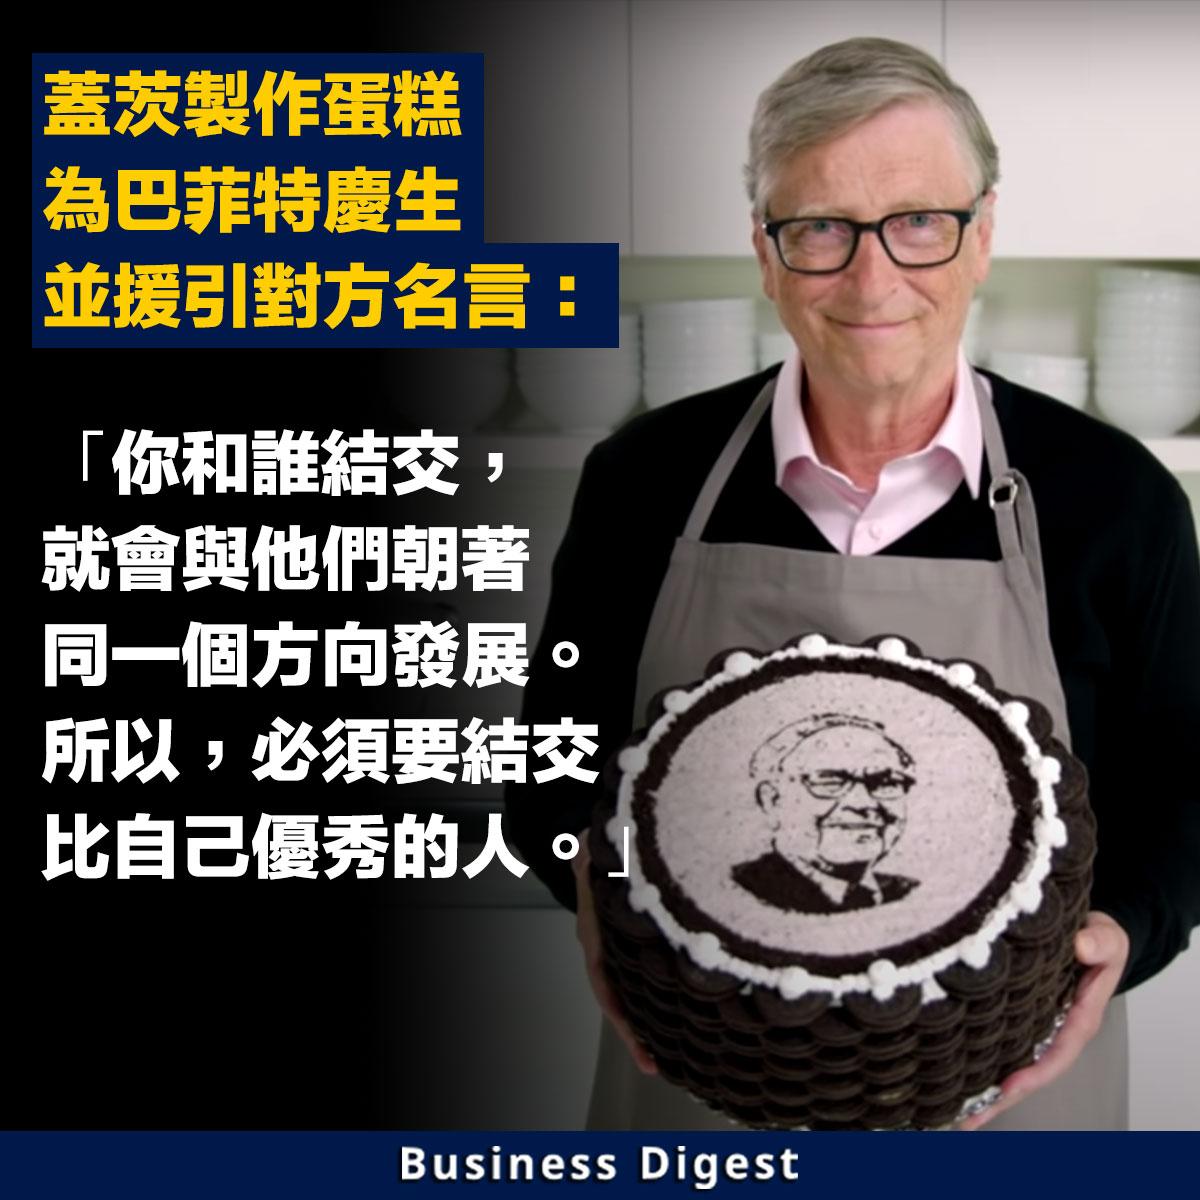 【商業智慧】蓋茨製作蛋糕為巴菲特慶生,並援引對方有關交友的名言